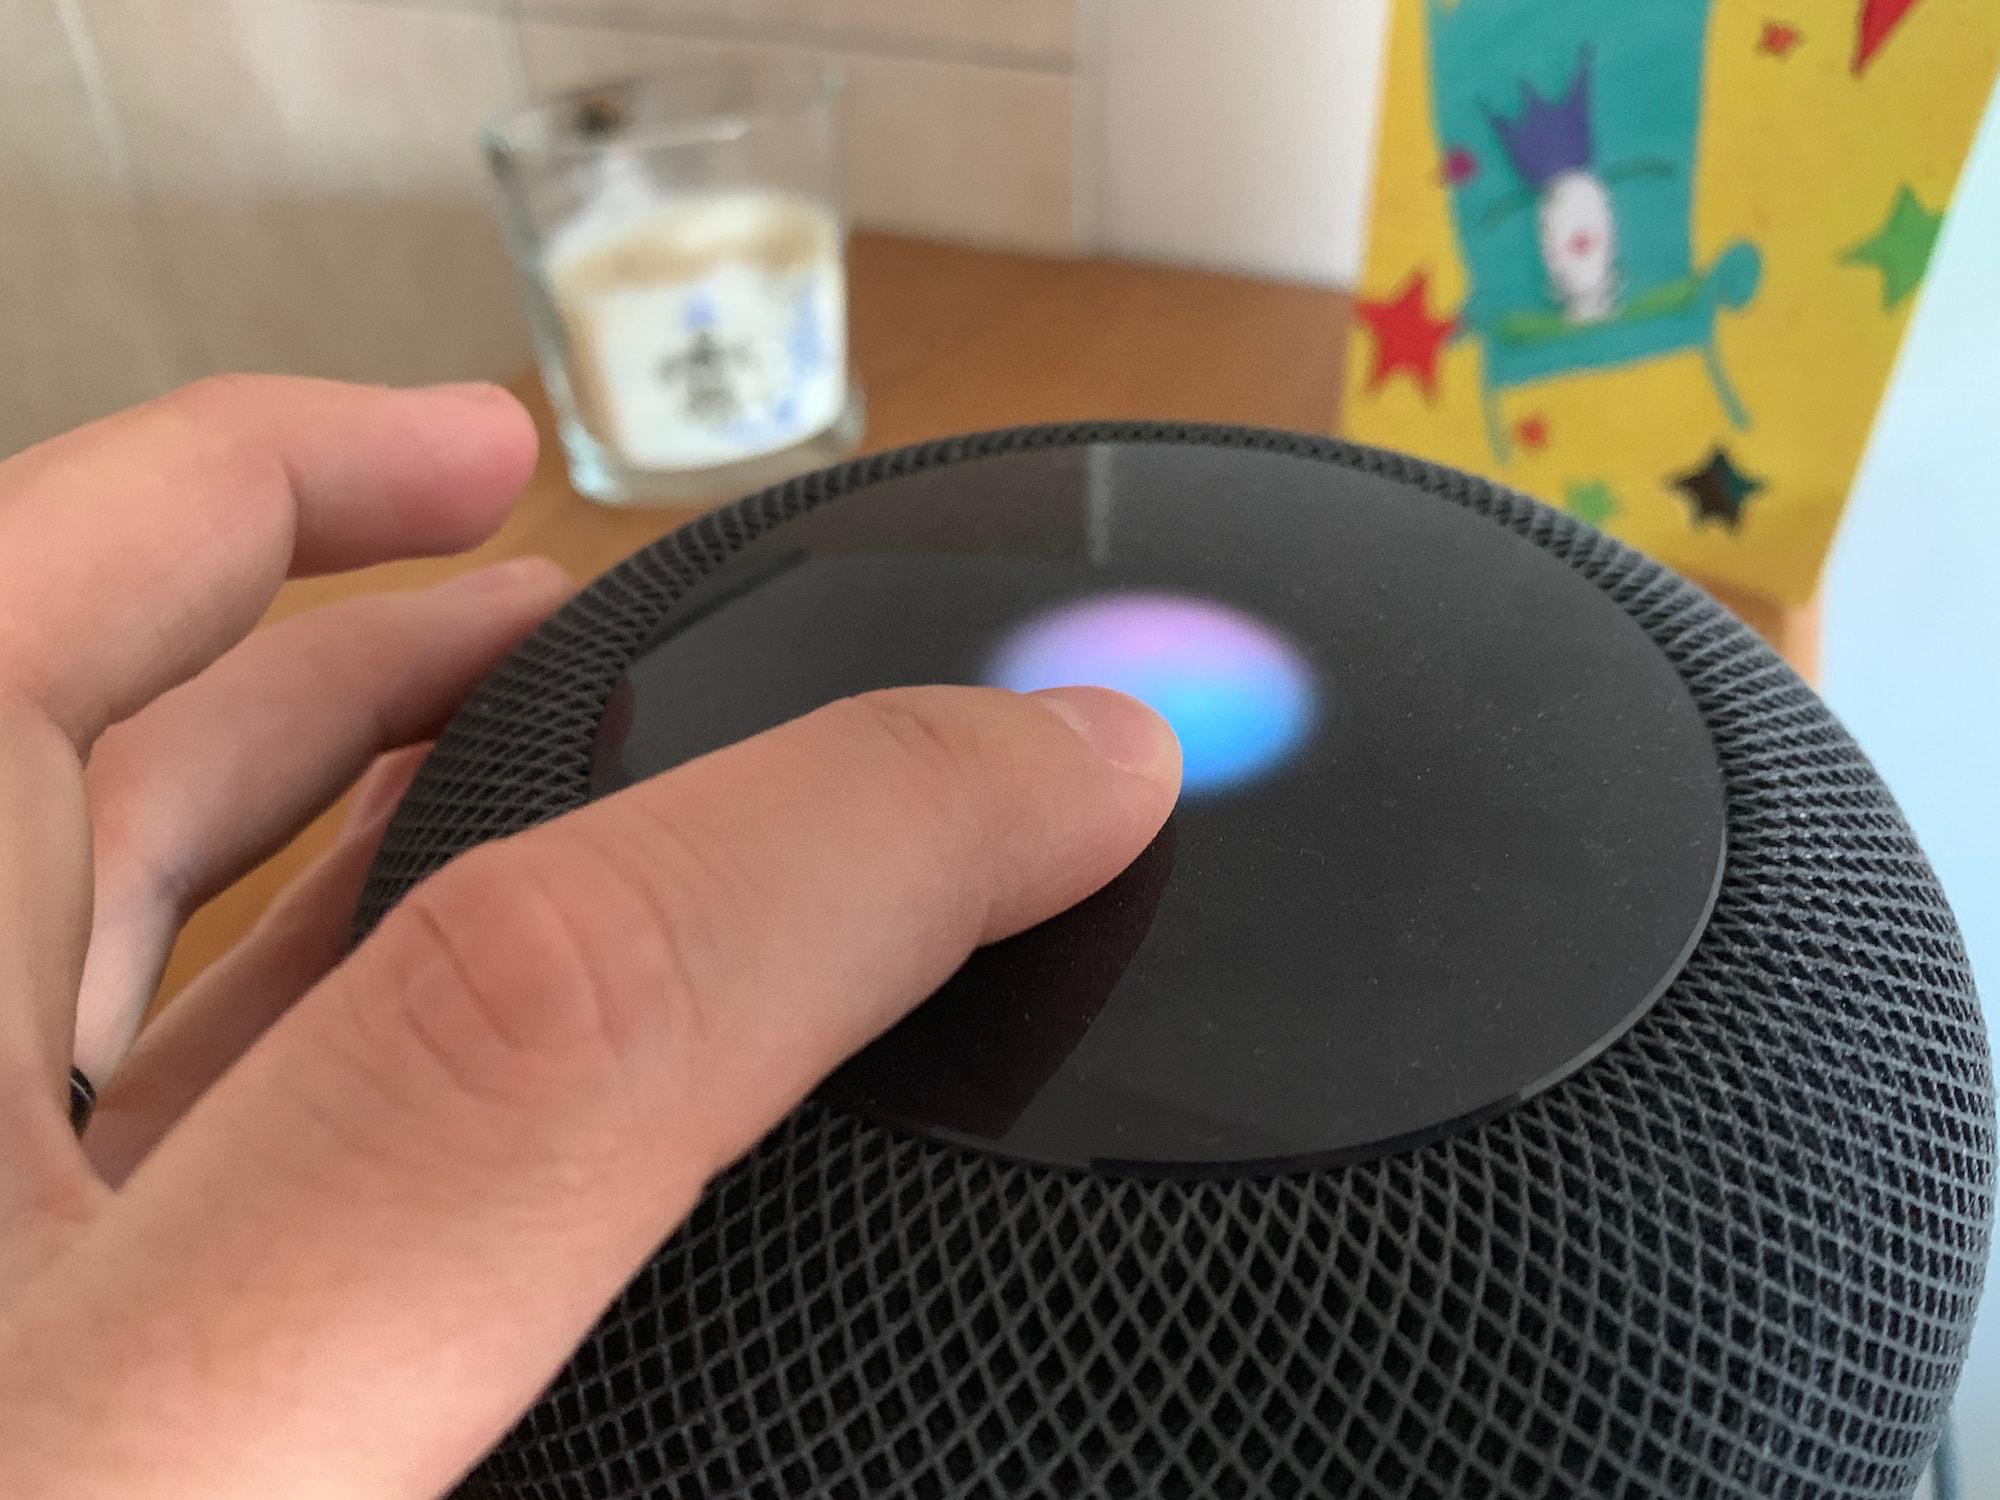 Apple está investigando las nuevas características de HomePod: gestos con las manos en 3D, Face ID y mucho más